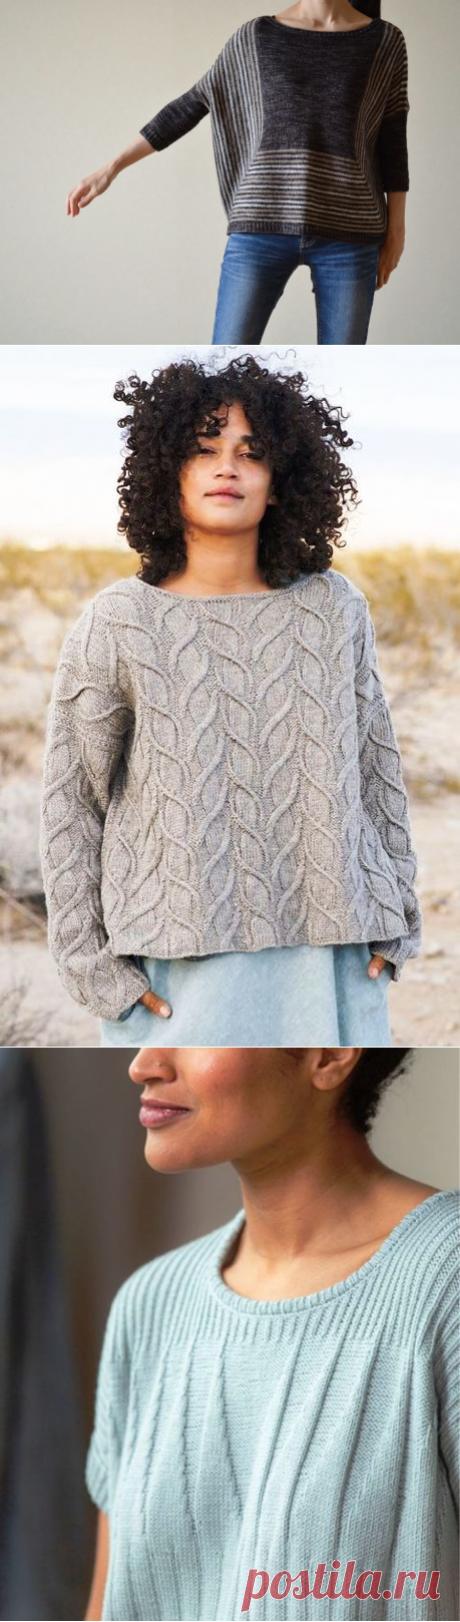 Пуловеры спицами. Три модели с описанием | Вязаные истории | Яндекс Дзен